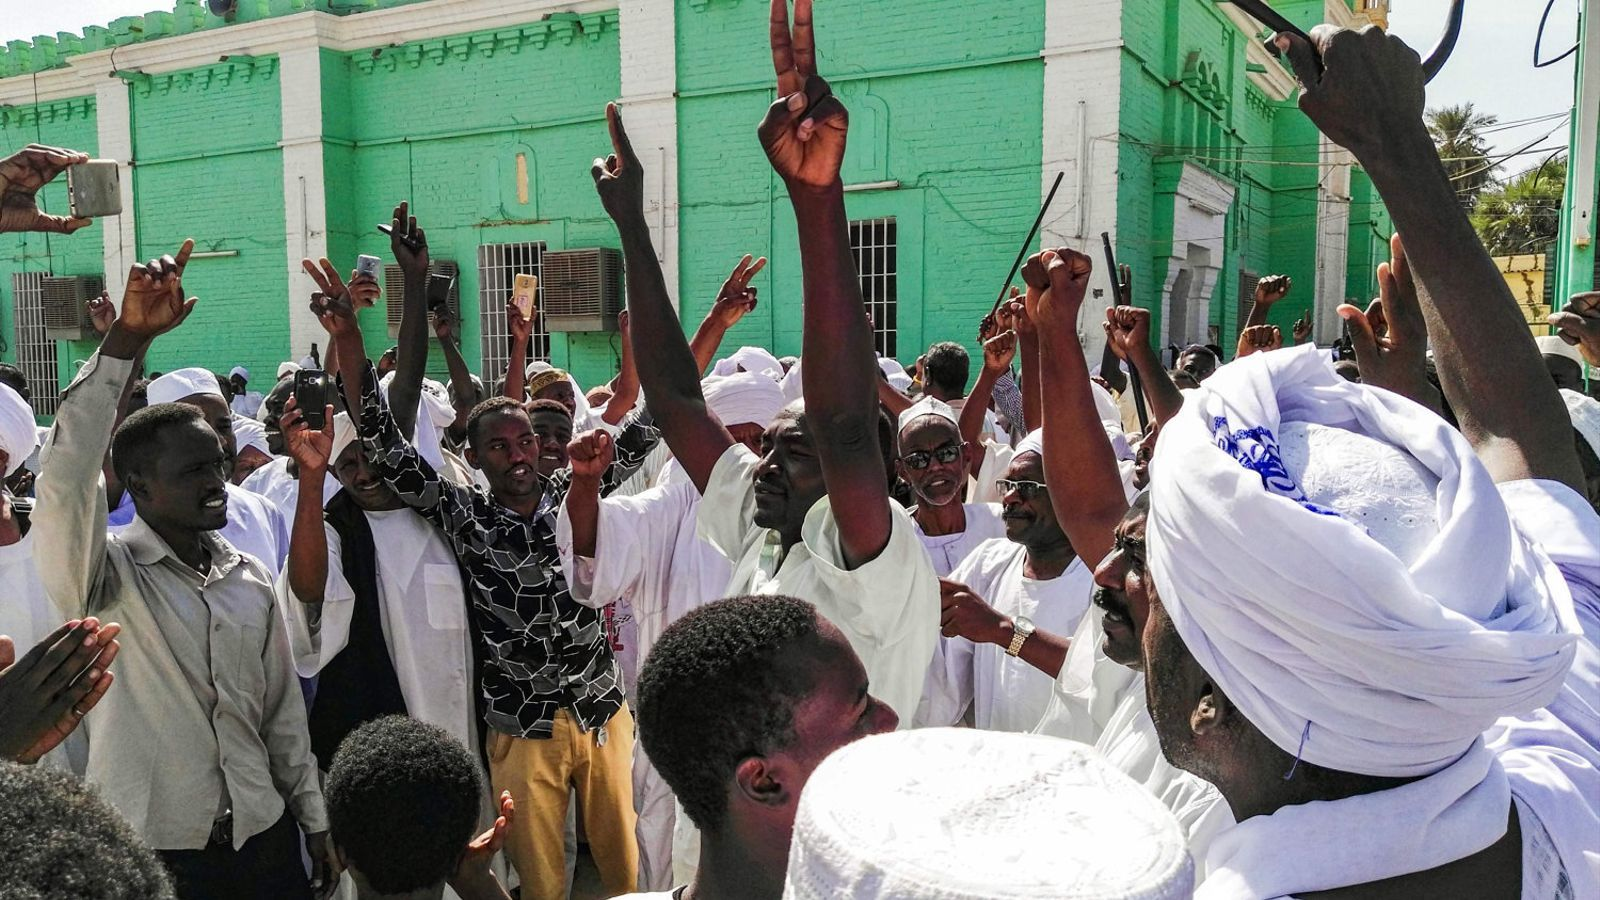 Trontolla el règim d'Omar al-Baixir al Sudan